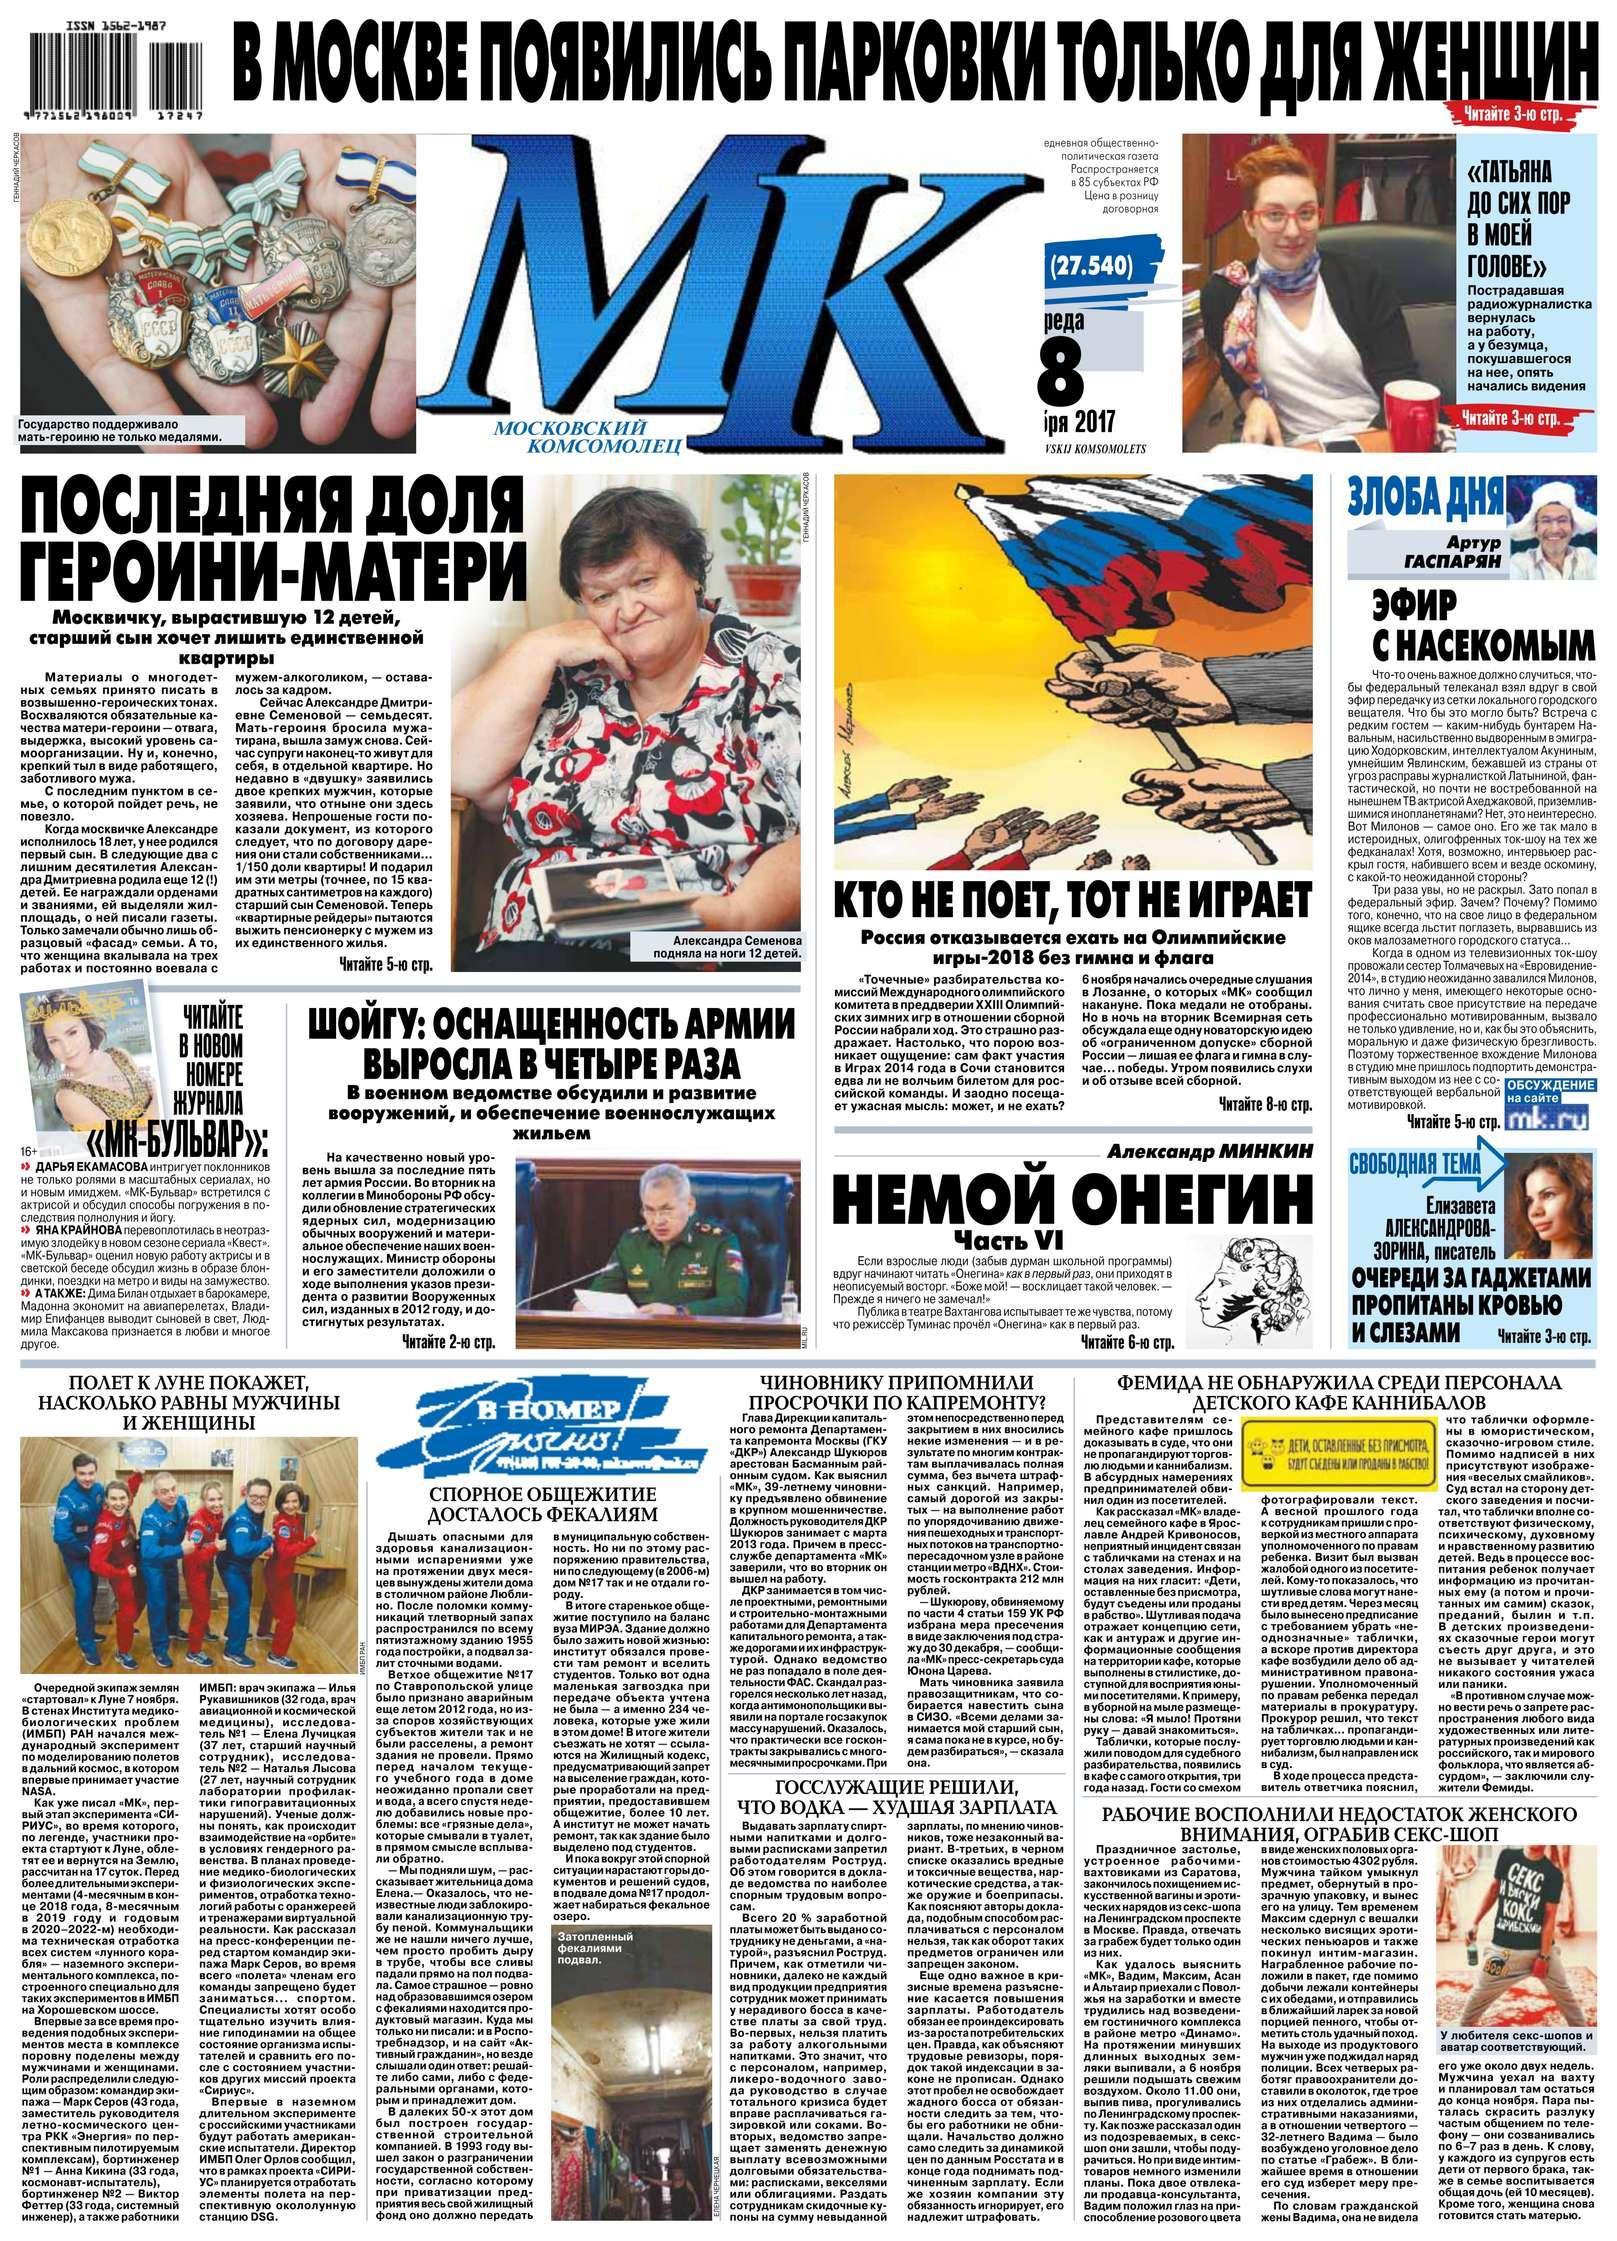 Редакция газеты МК Московский Комсомолец МК Московский Комсомолец 247-2017 цена 2017